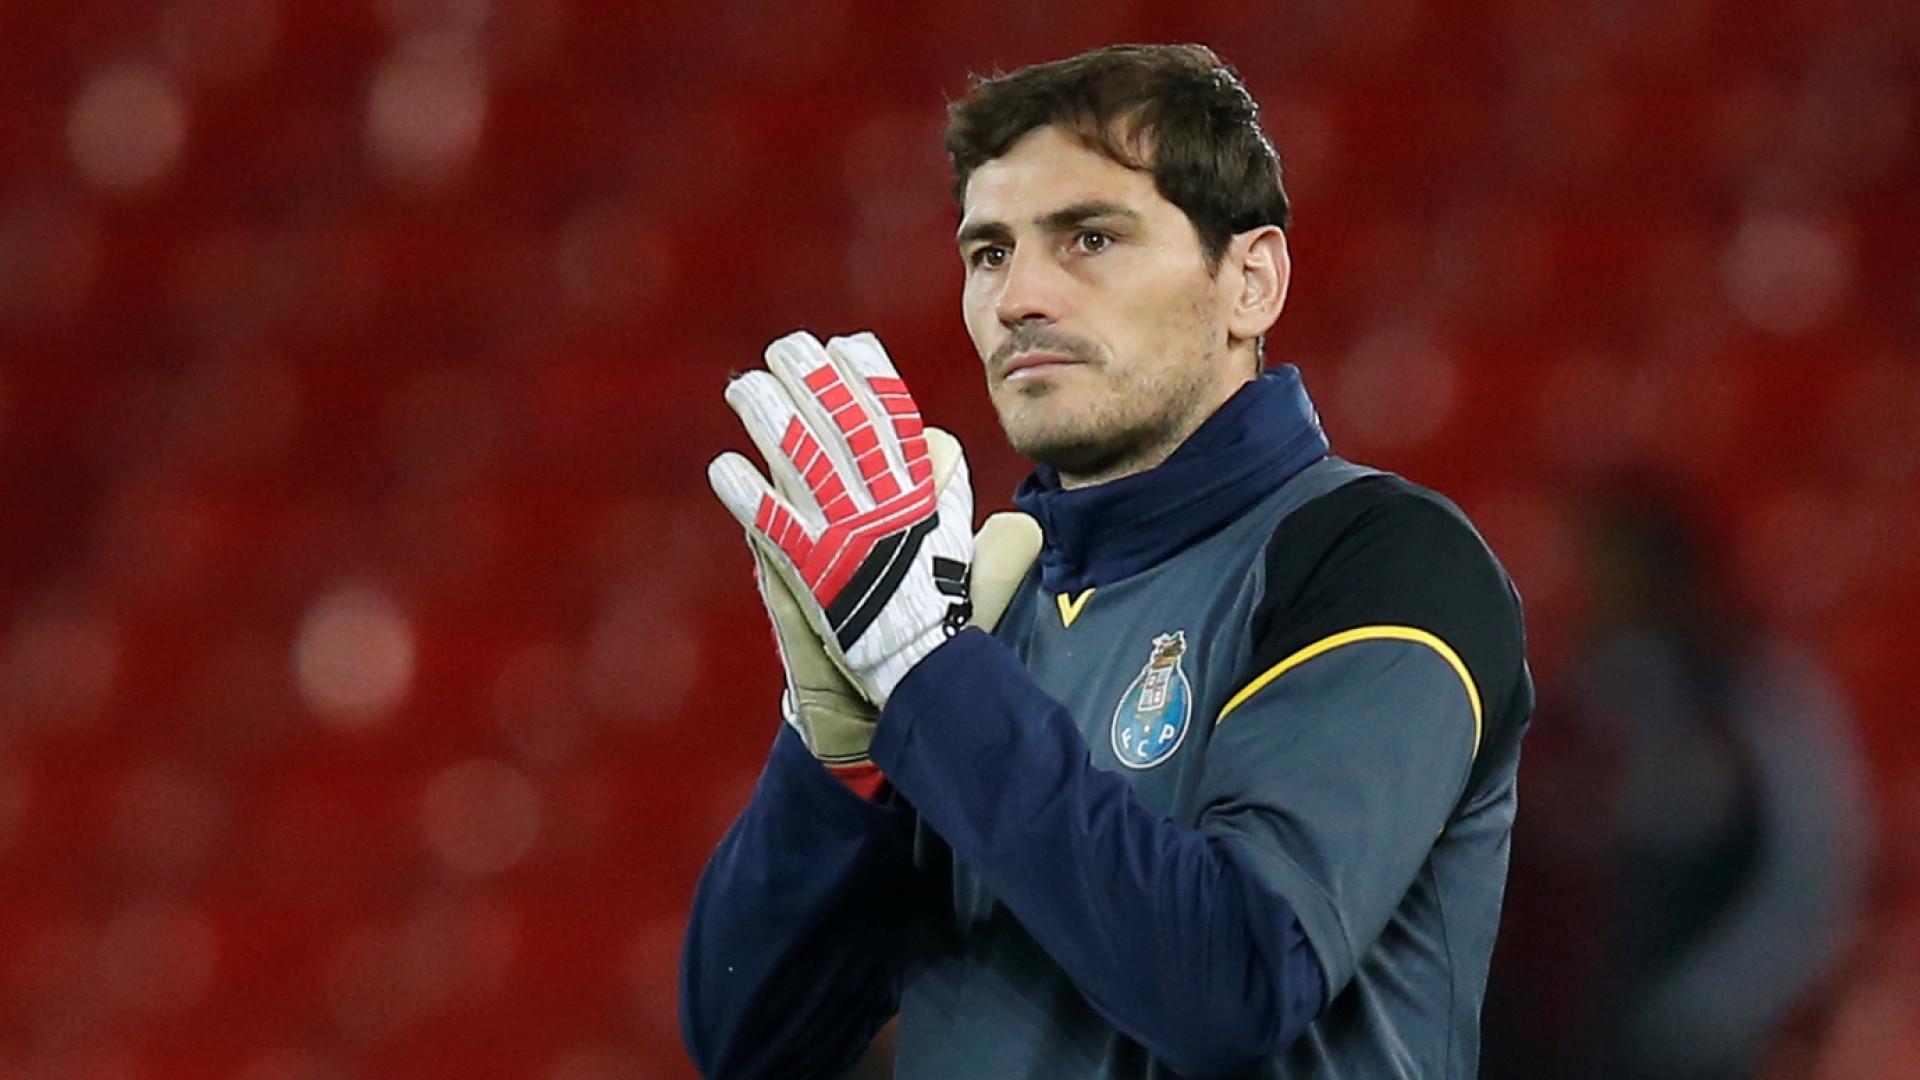 Oficial: Casillas renova com o FC Porto